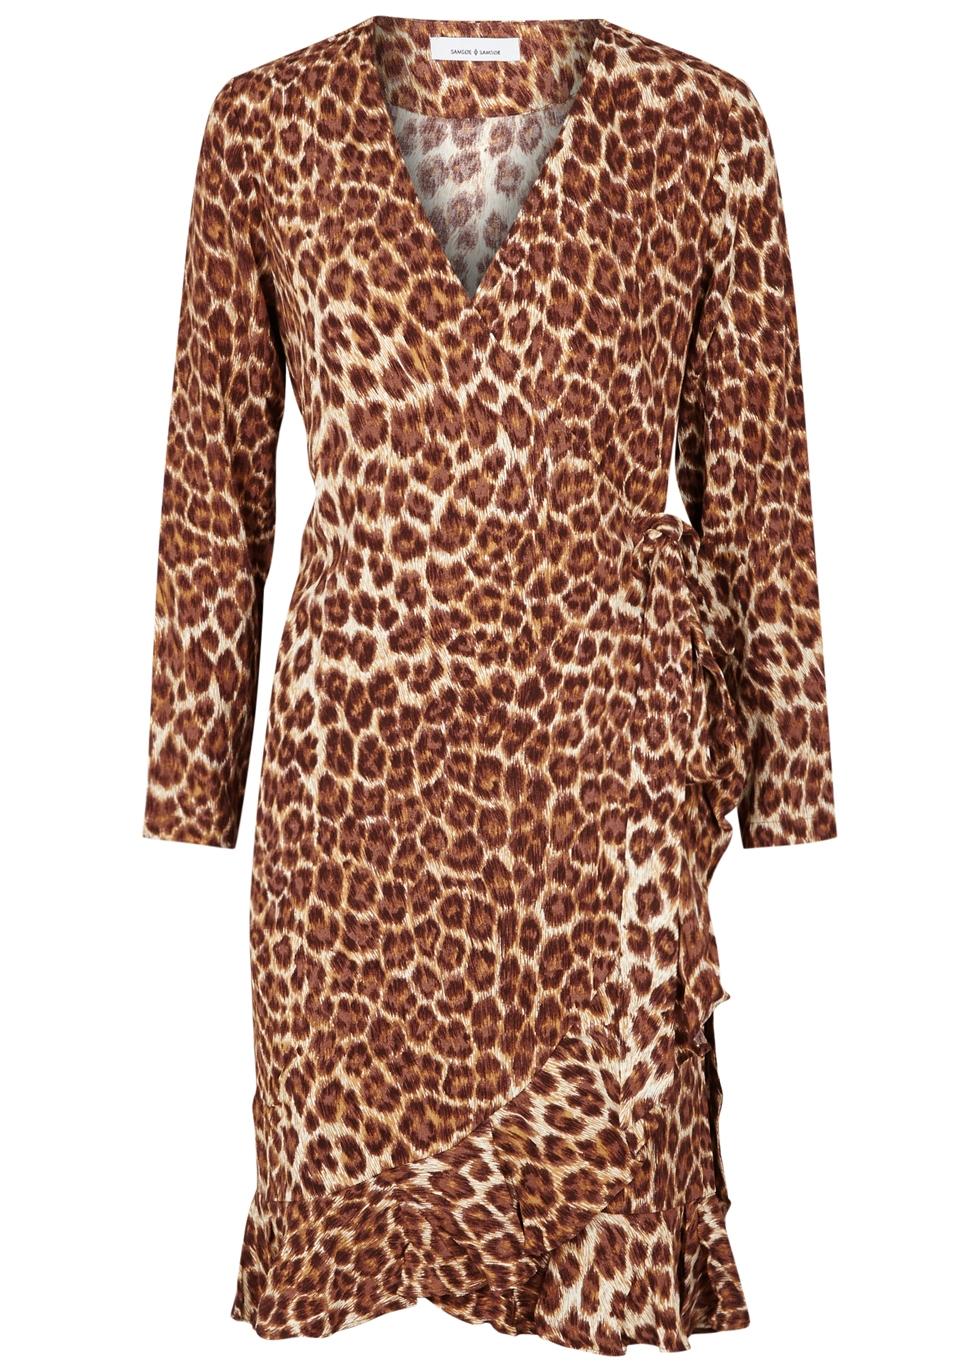 SAMS0E & SAMS0E Limon Leopard-Print Wrap Dress